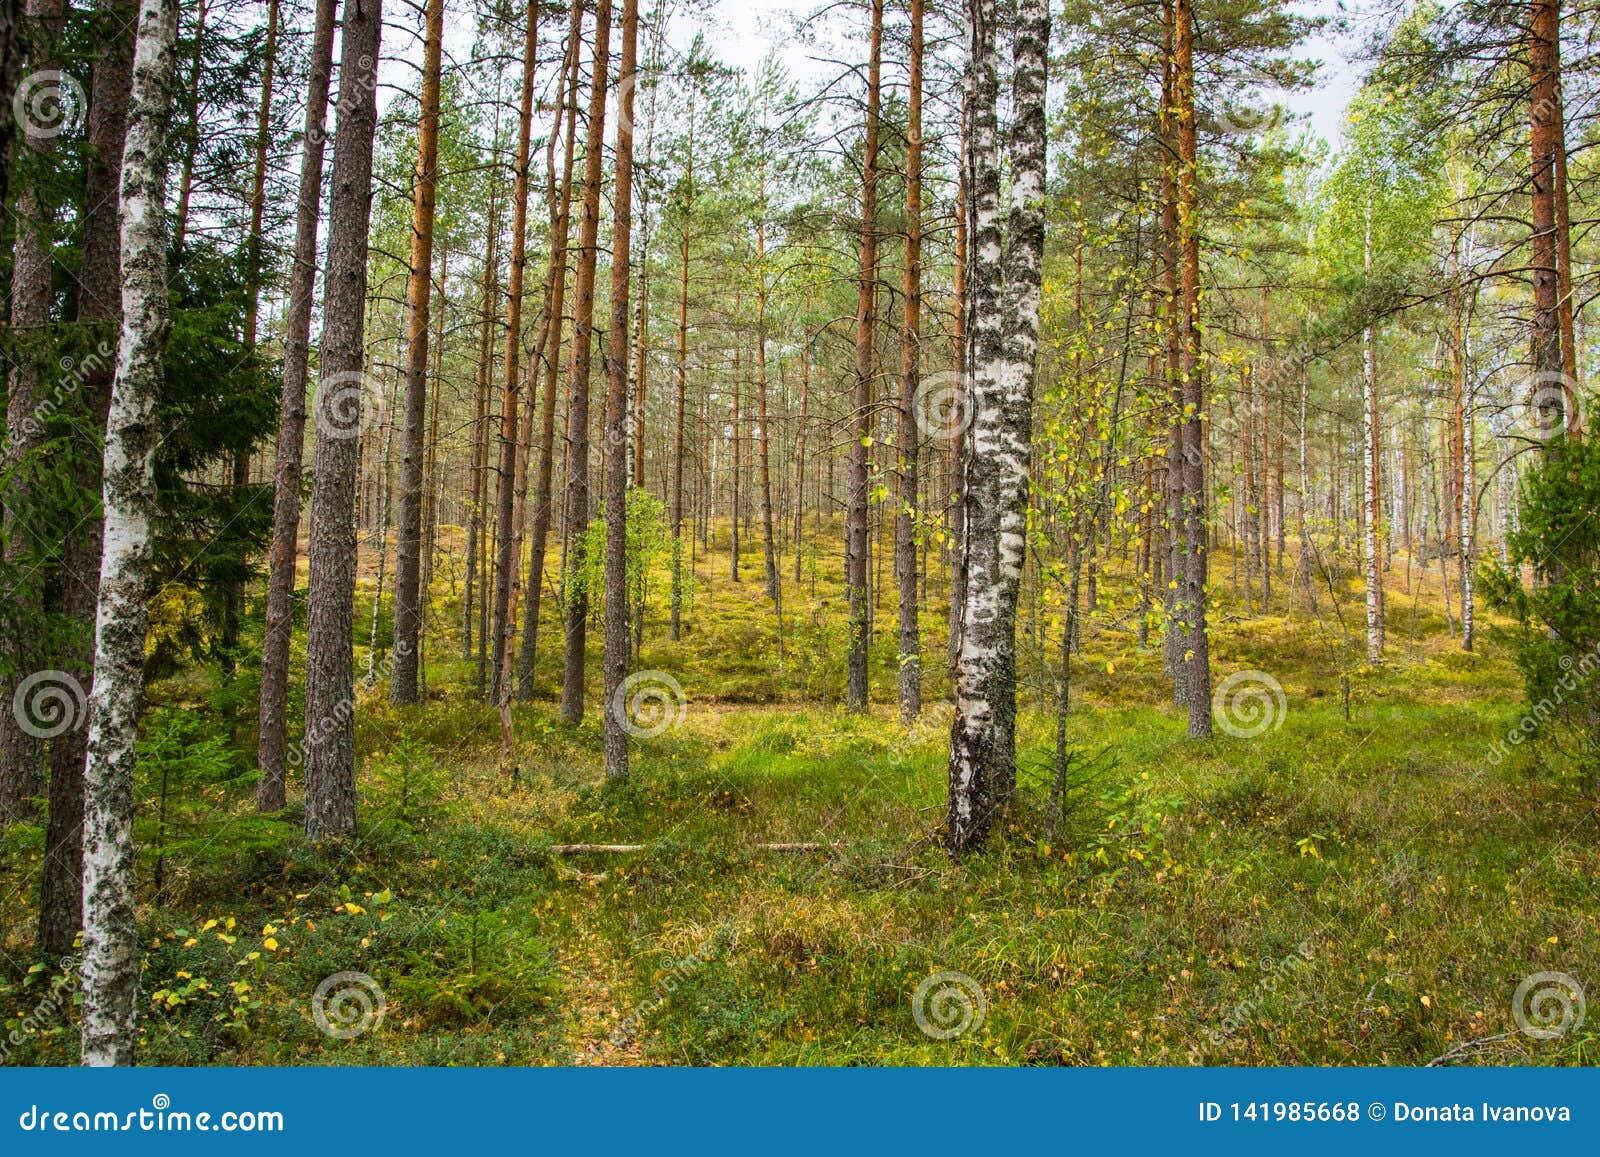 Autumn Forest Nature La mattina viva in foresta variopinta con il sole rays attraverso i rami degli alberi